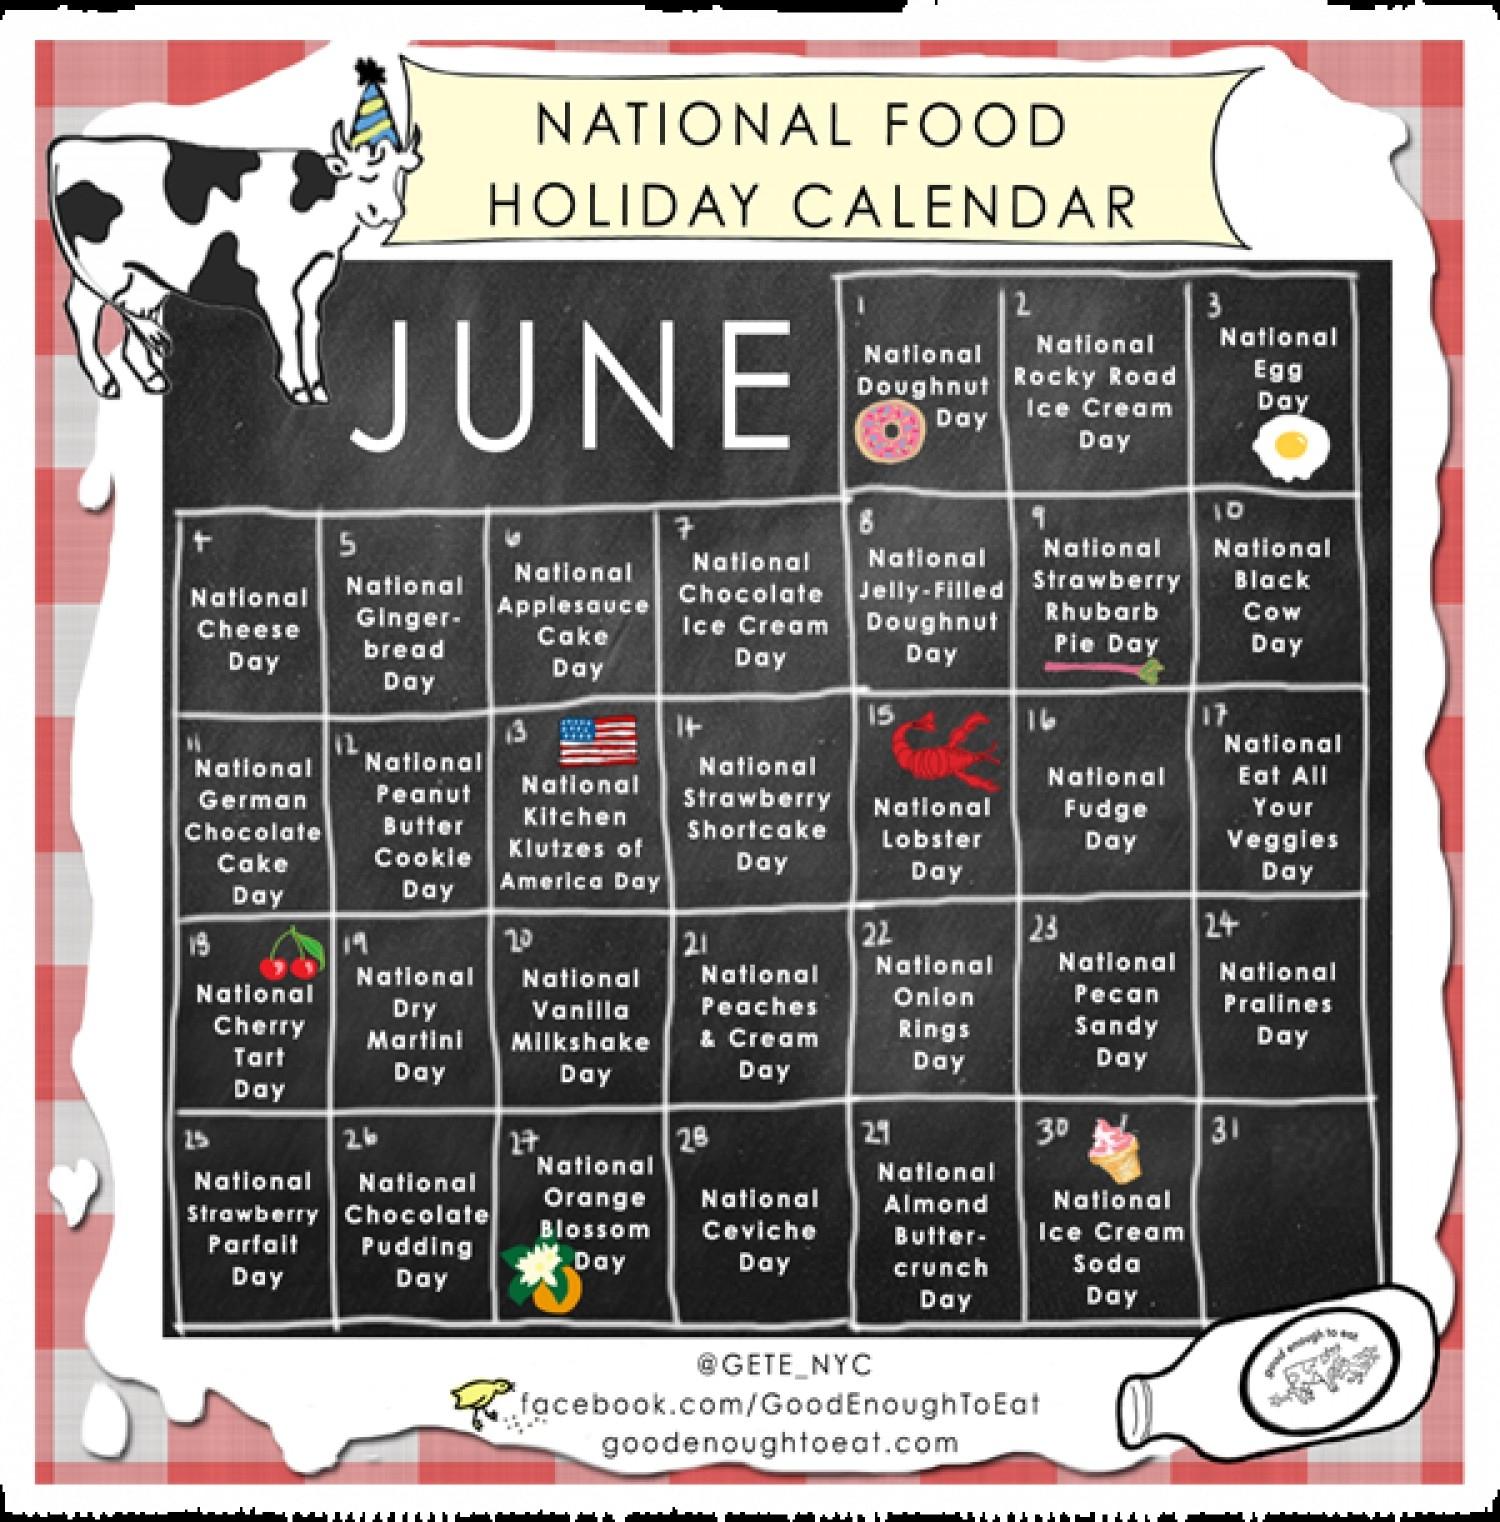 National Food Holiday Calendar - June 2013 | Visual.ly-Calendar With National Food Holidays